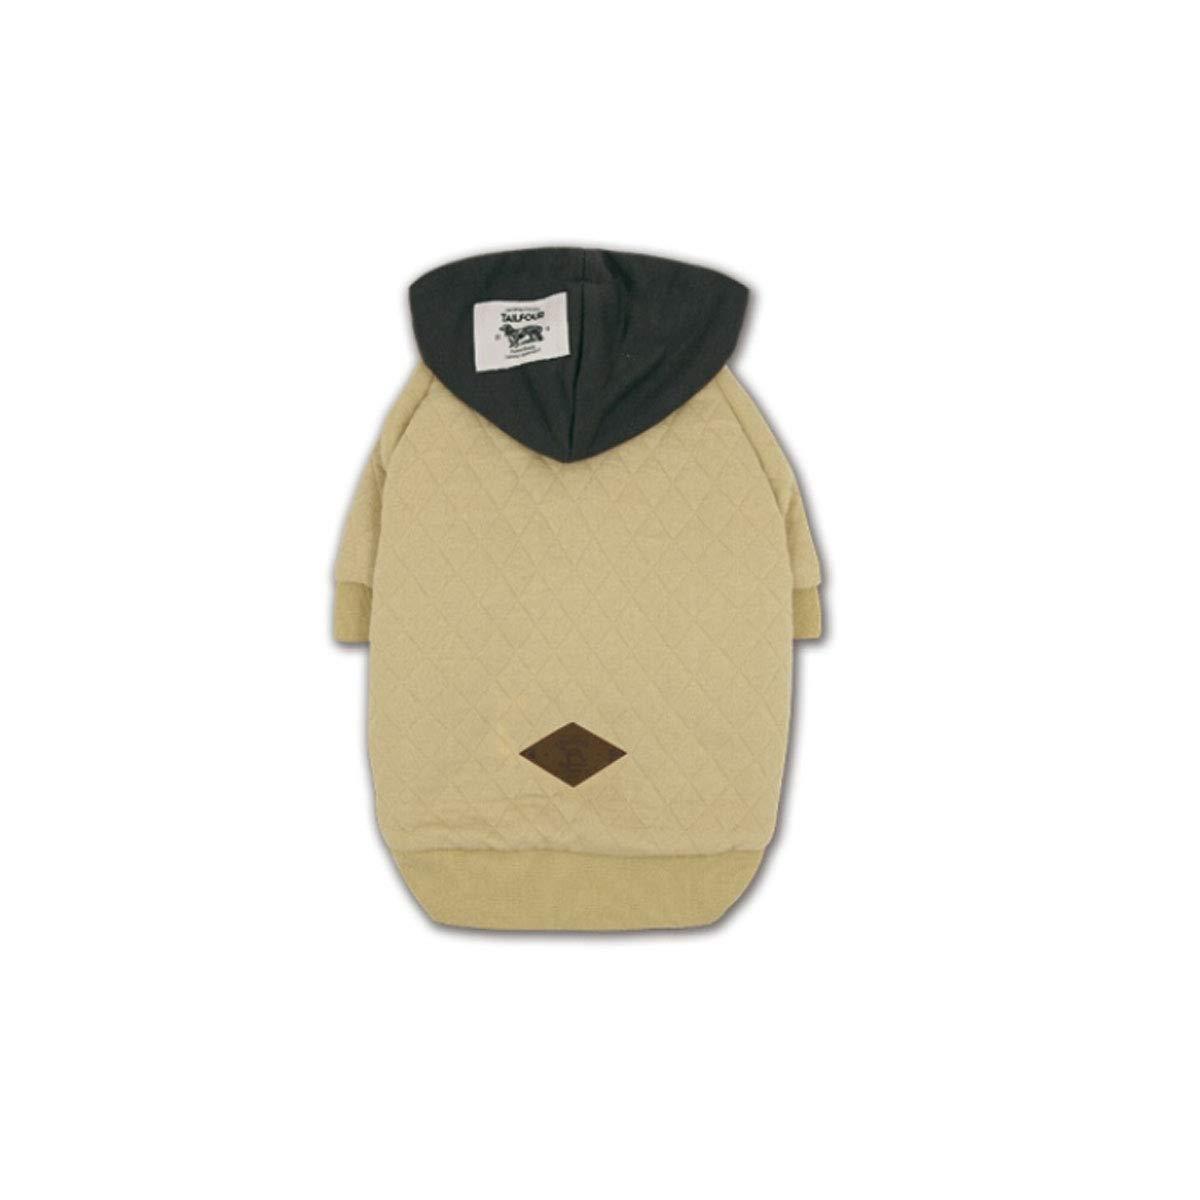 Kuqiqi Inverno Nuovo Teddy Cotton Coat Pet Vestiti per Cani Piccolo Cane Giacca in Cotone Double-Sided Cotton Vest Cat SN8250 TFCLO001402 XS Ultimi Modelli (Colore   Number 22, Dimensione   XS)